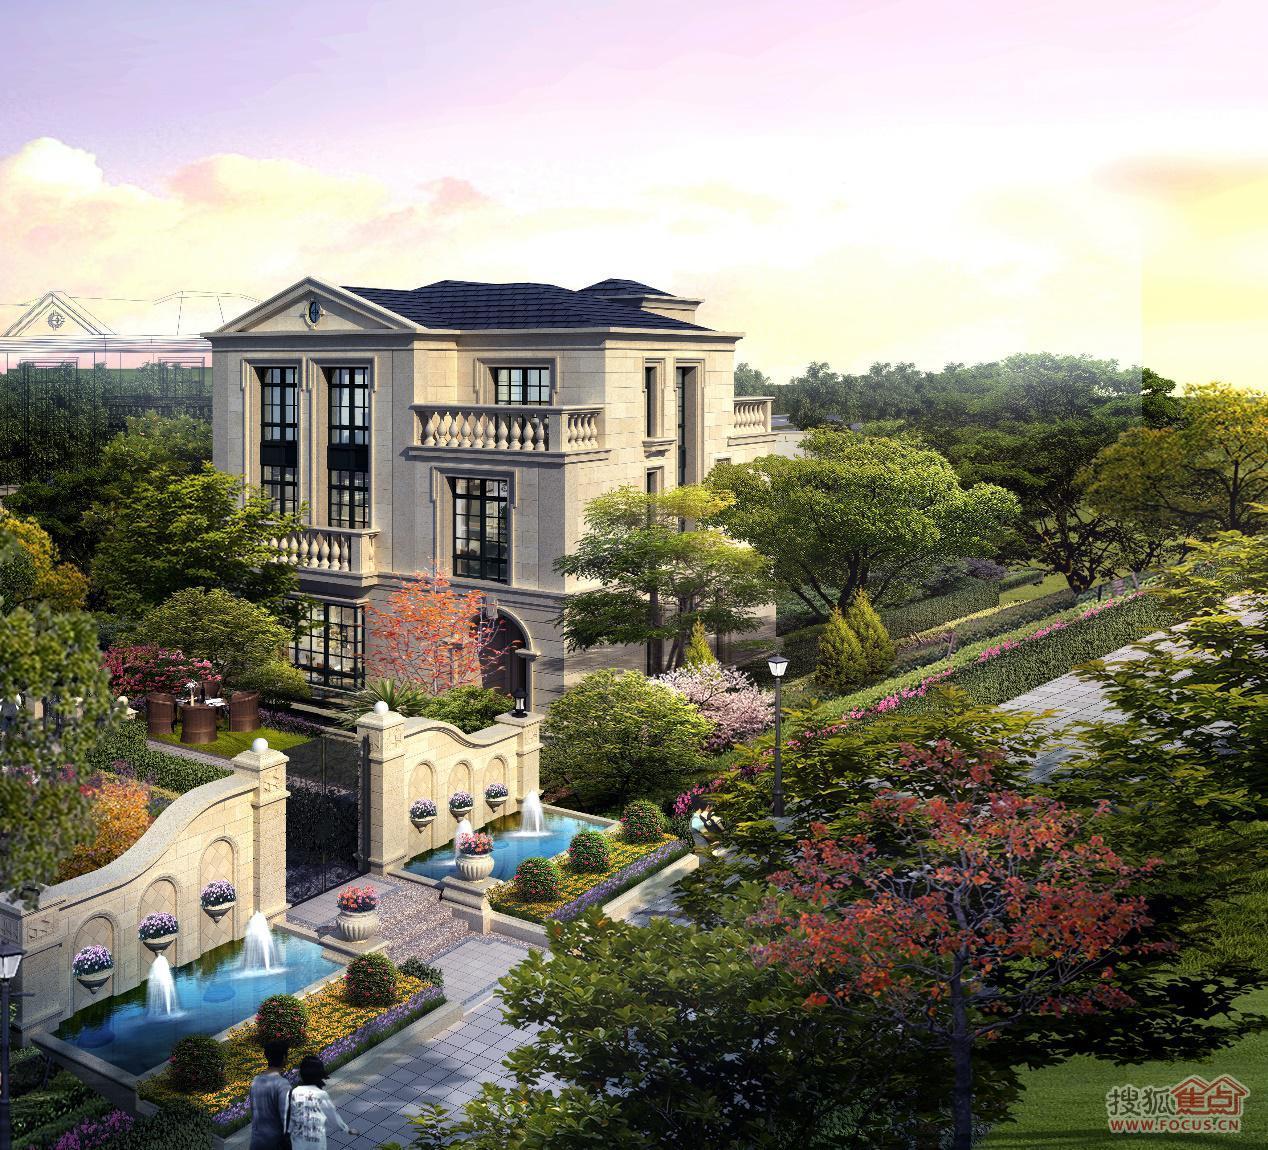 全花园设计,9大开先河空间再创造,御制匹配城市巅峰阶层的私人城堡,独图片